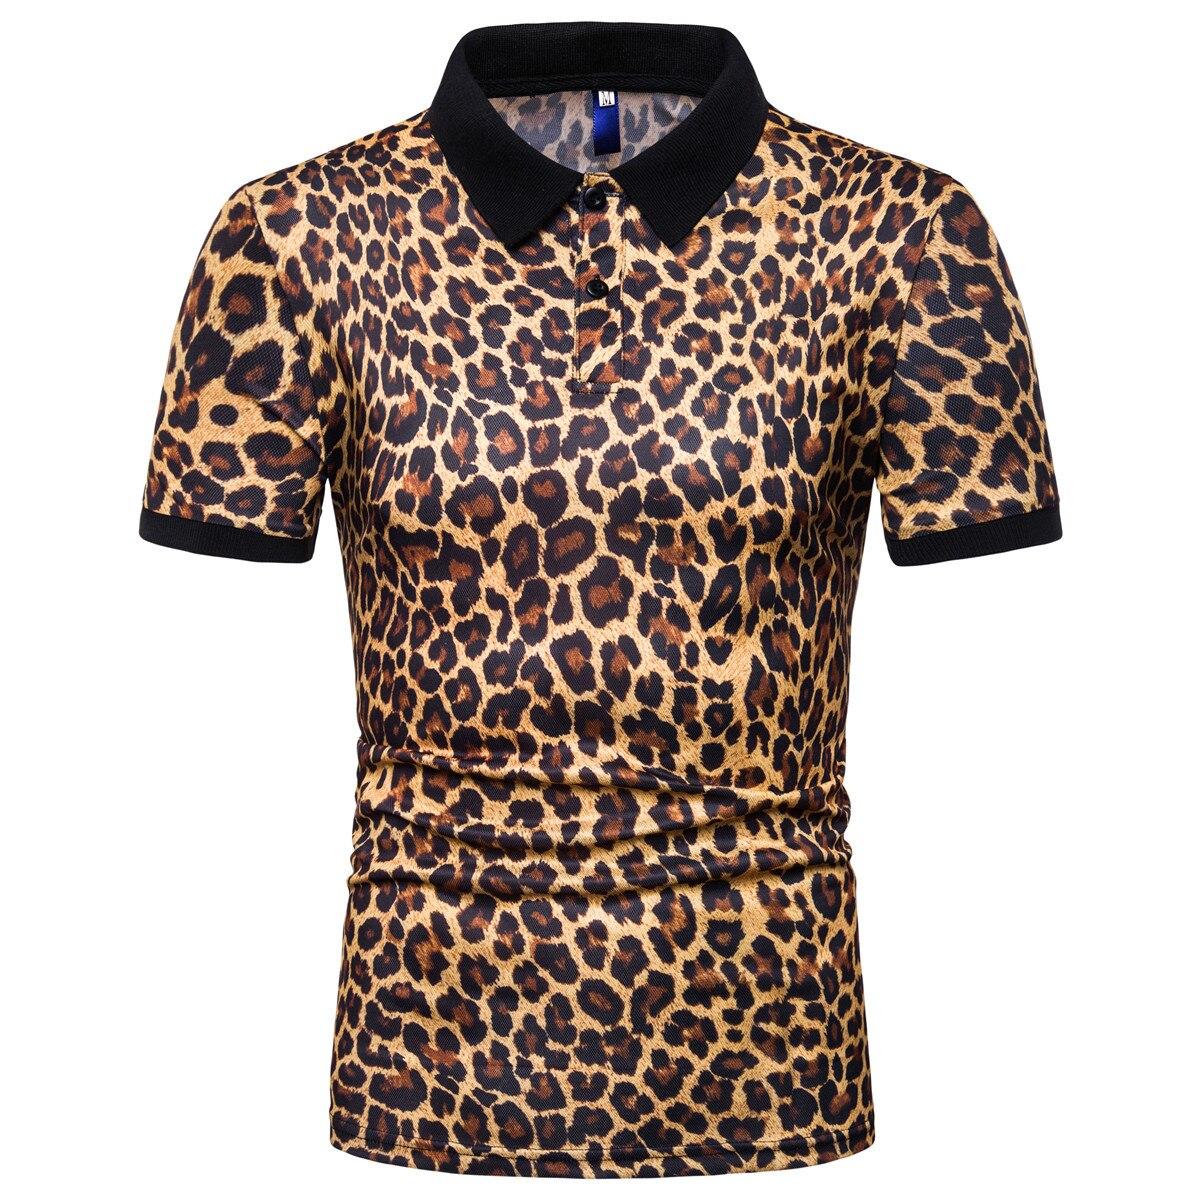 Beautyfine Leopard Print Shirts Für Männer Mode Kurzarm Streifen Große Casual Top Bluse Silm Fit Zahlreich In Vielfalt